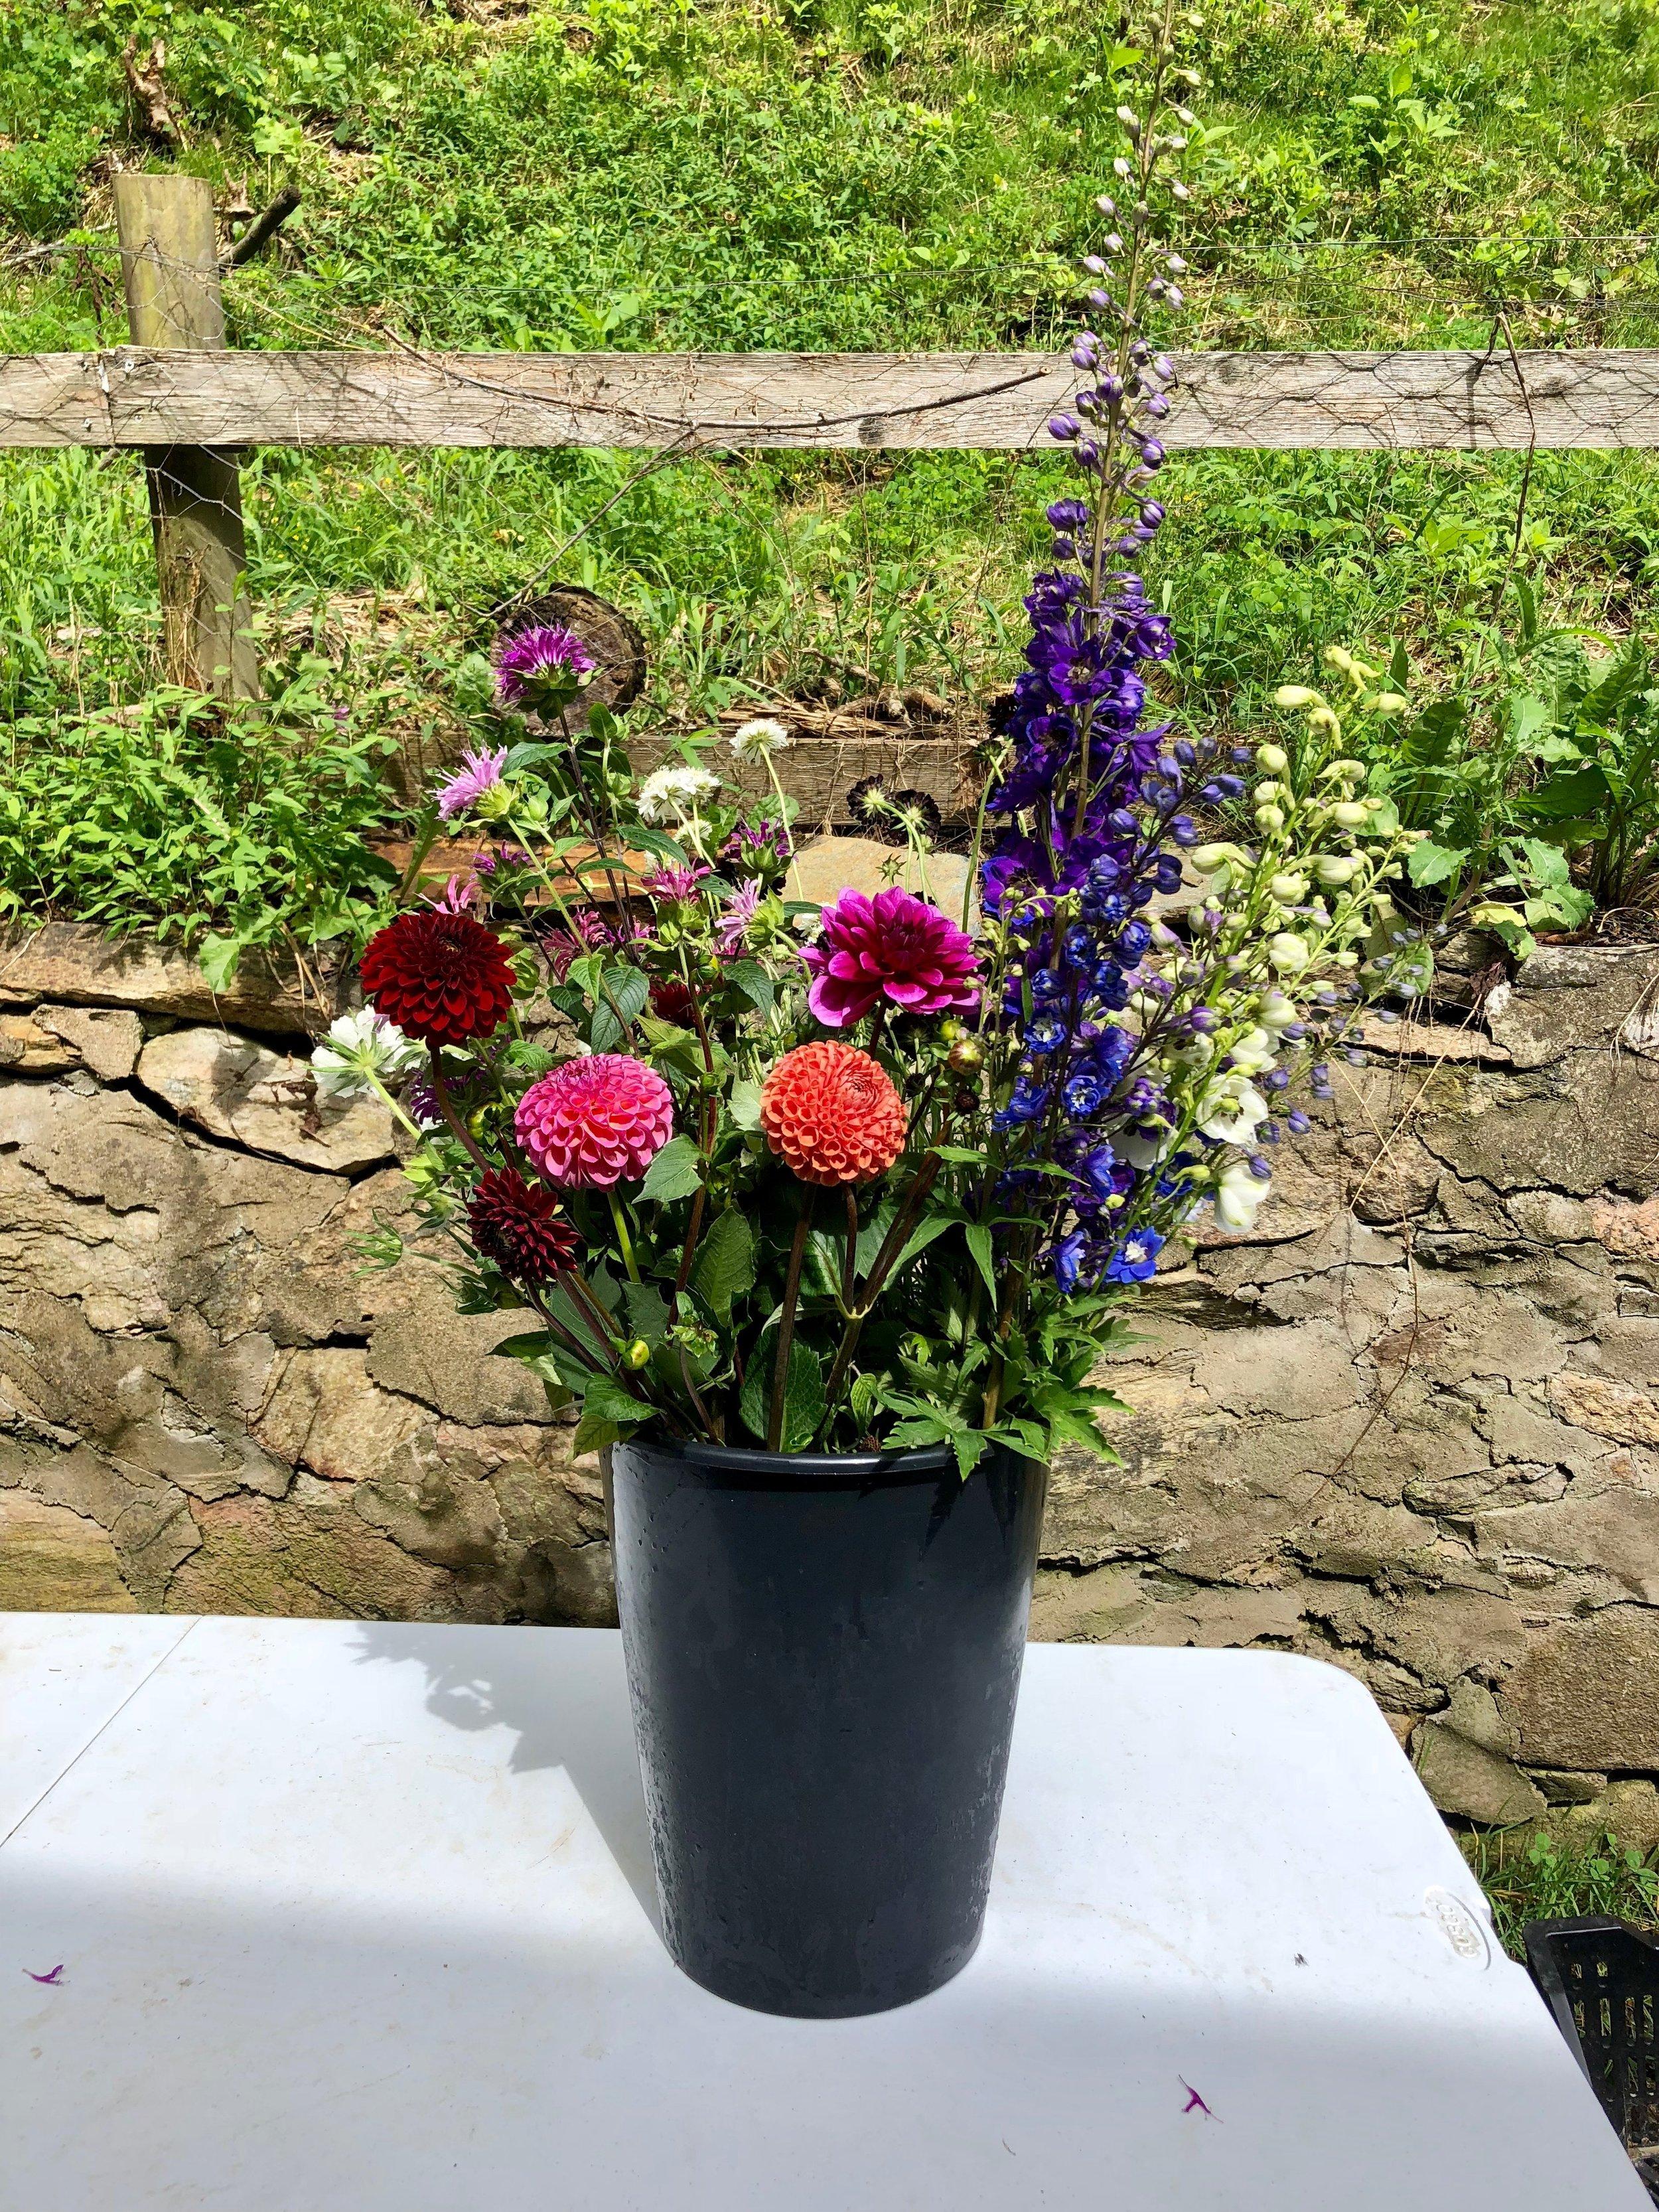 Bulk buckets of flowers